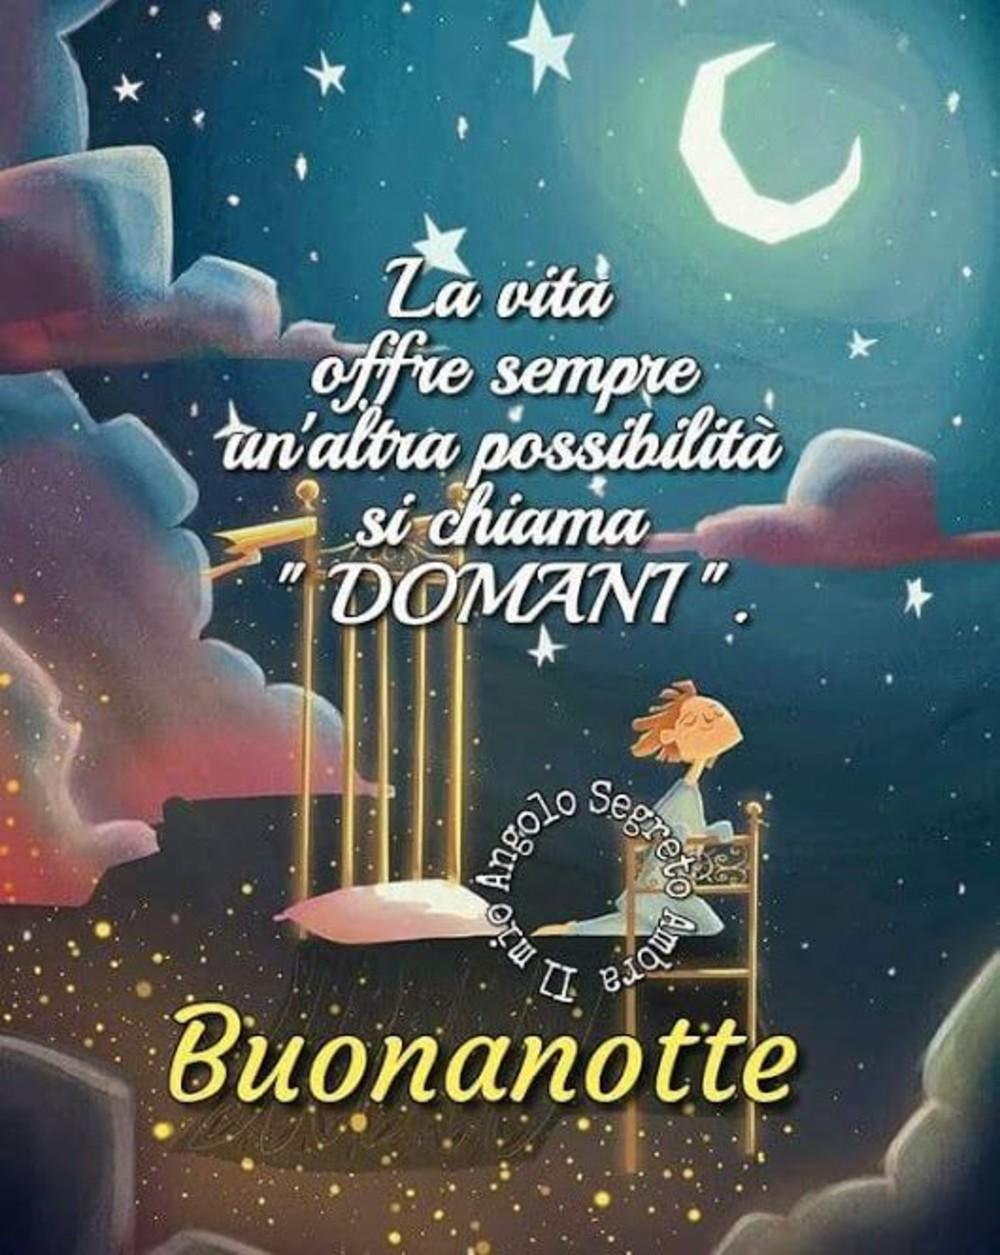 Immagini Buonanotte Belle Gratis Per Whatsapp 11